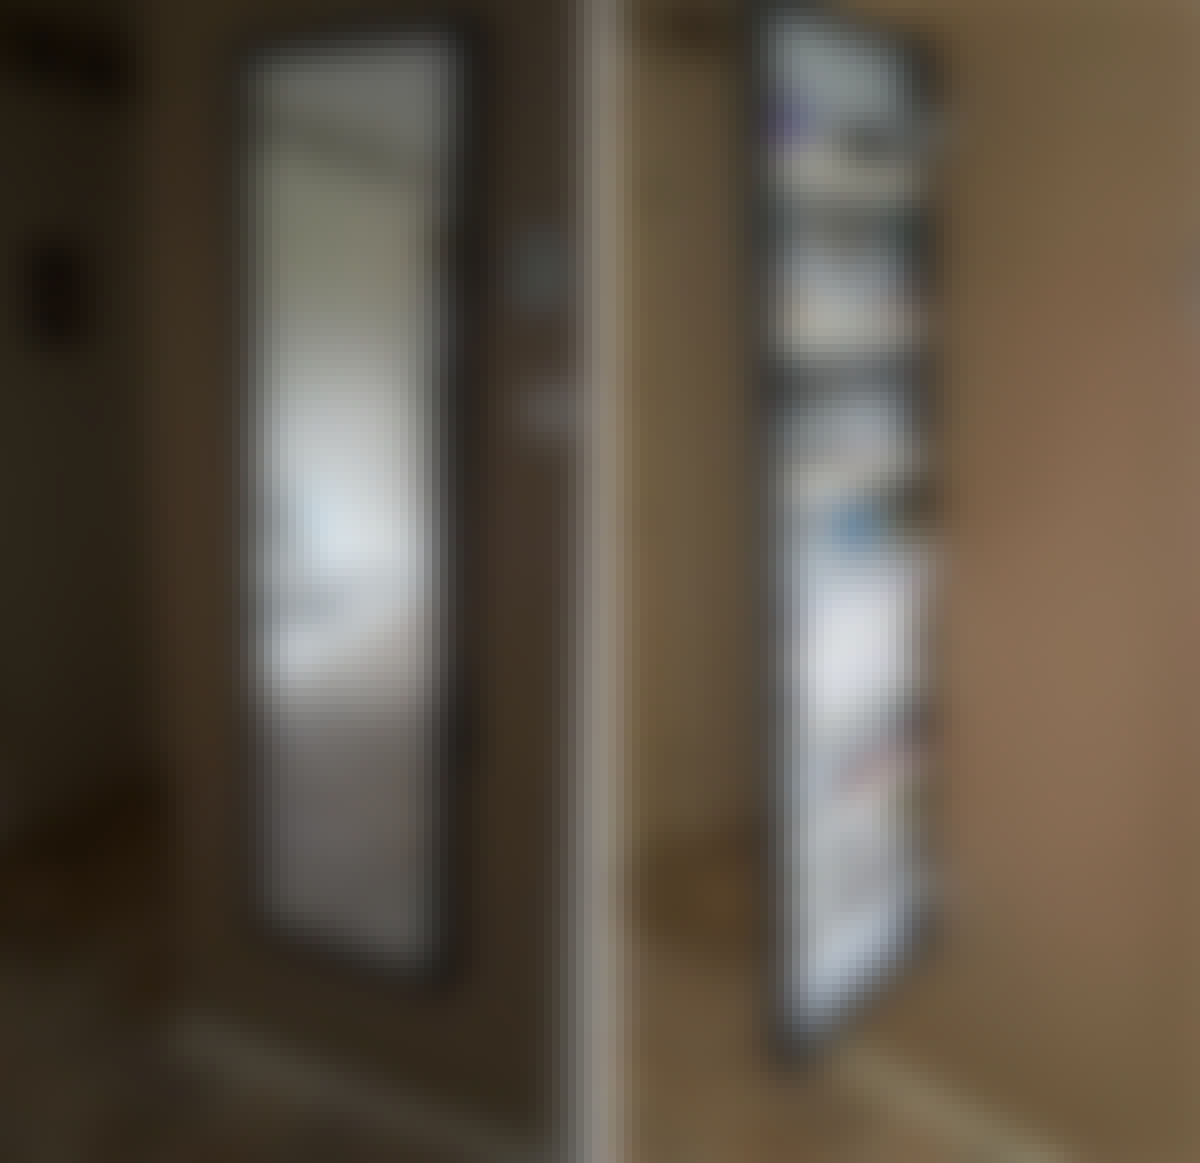 Skåp till nycklar bakom spegeln